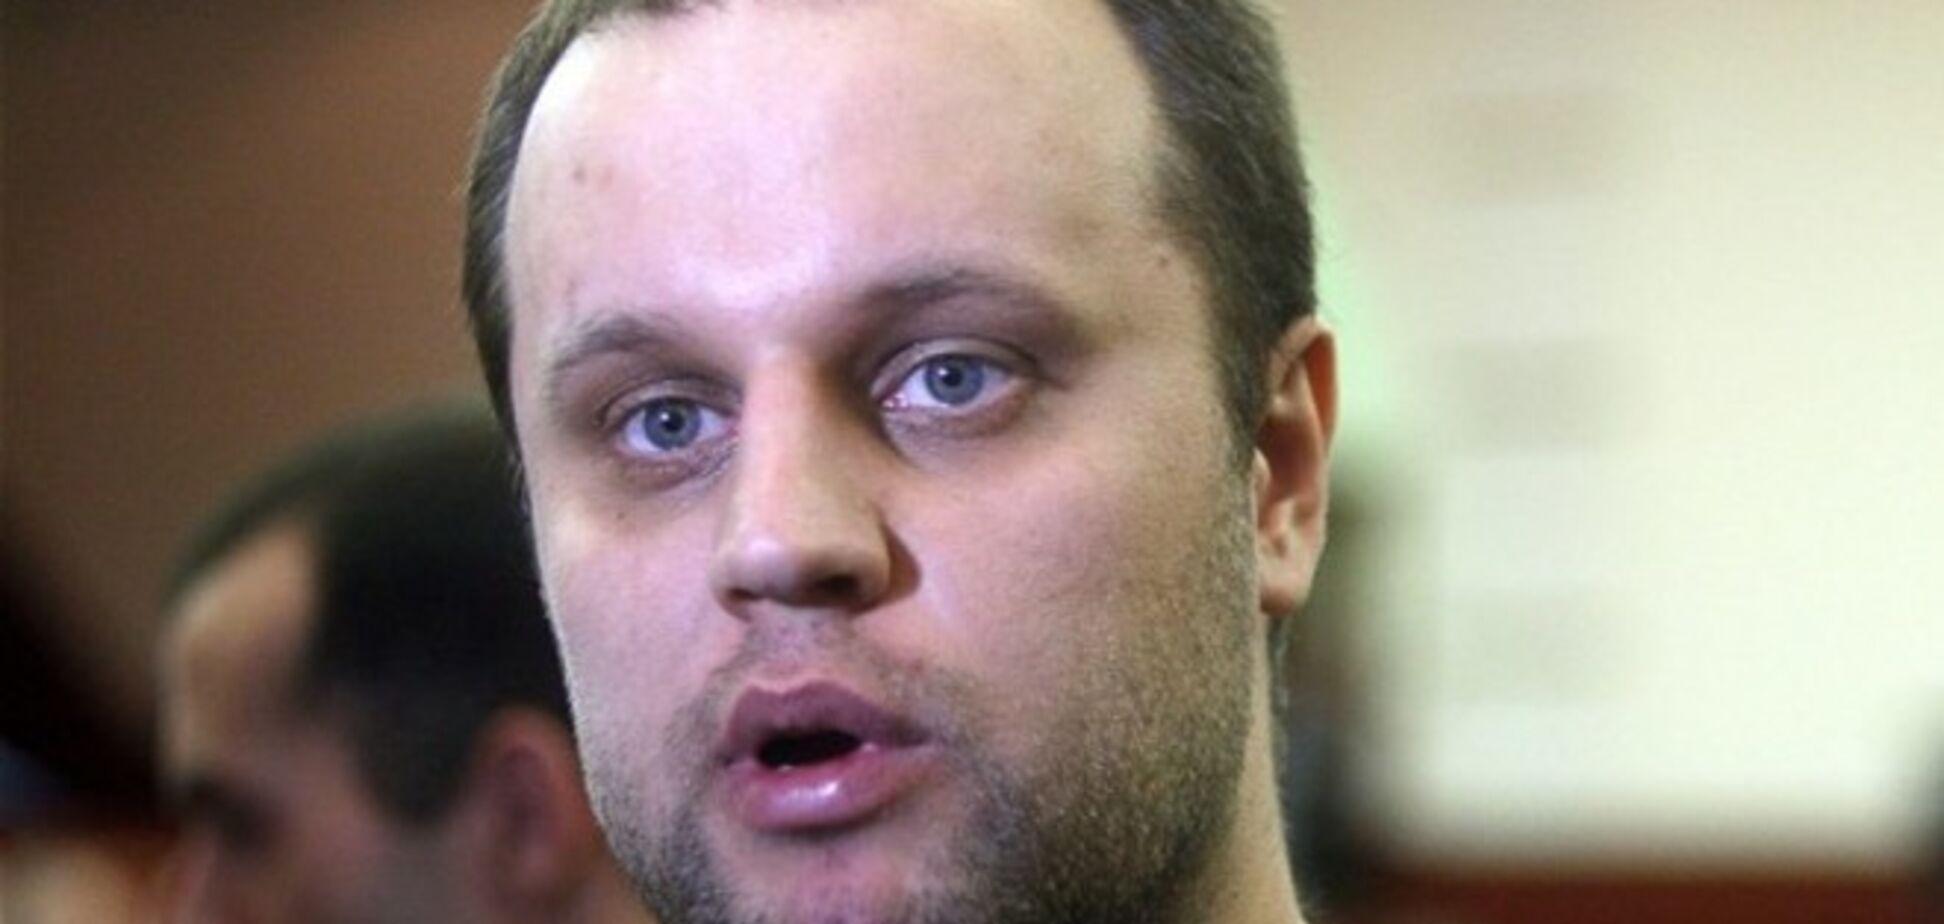 Губарєв і бронежилет: в мережі знову обсміяли ватажка 'ДНР' за безграмотність і брехню